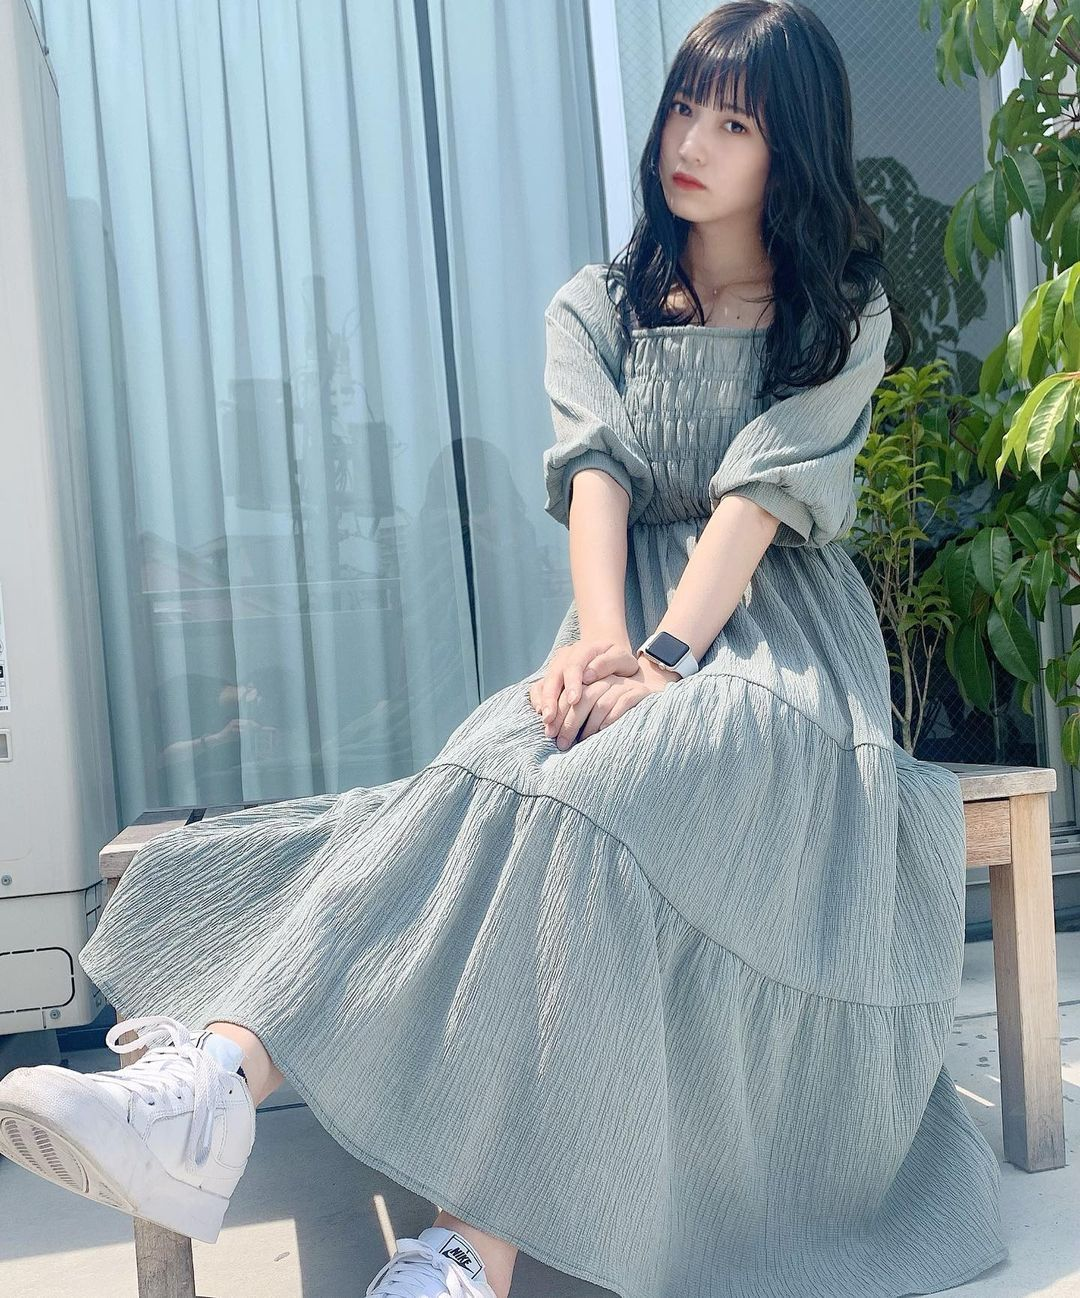 青春妹子无限18岁黑嵜菜菜子长得可爱 网络美女 第5张